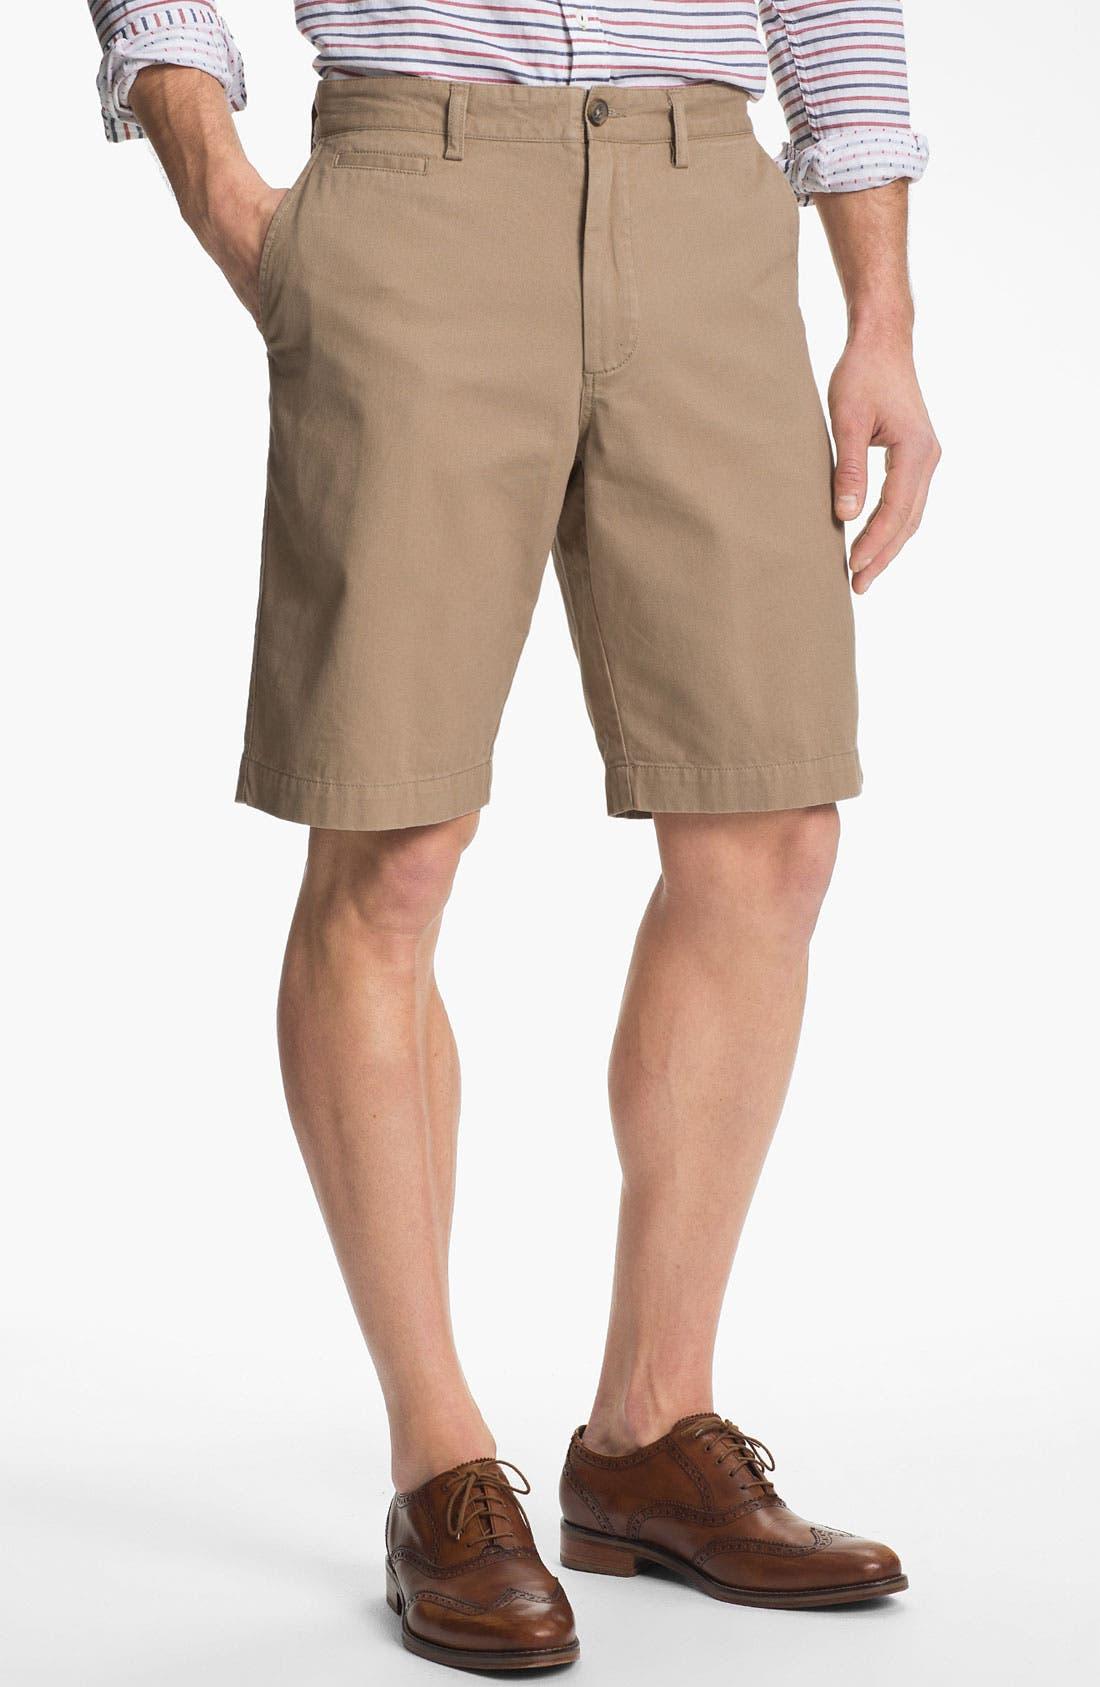 Main Image - Wallin & Bros. Flat Front Shorts